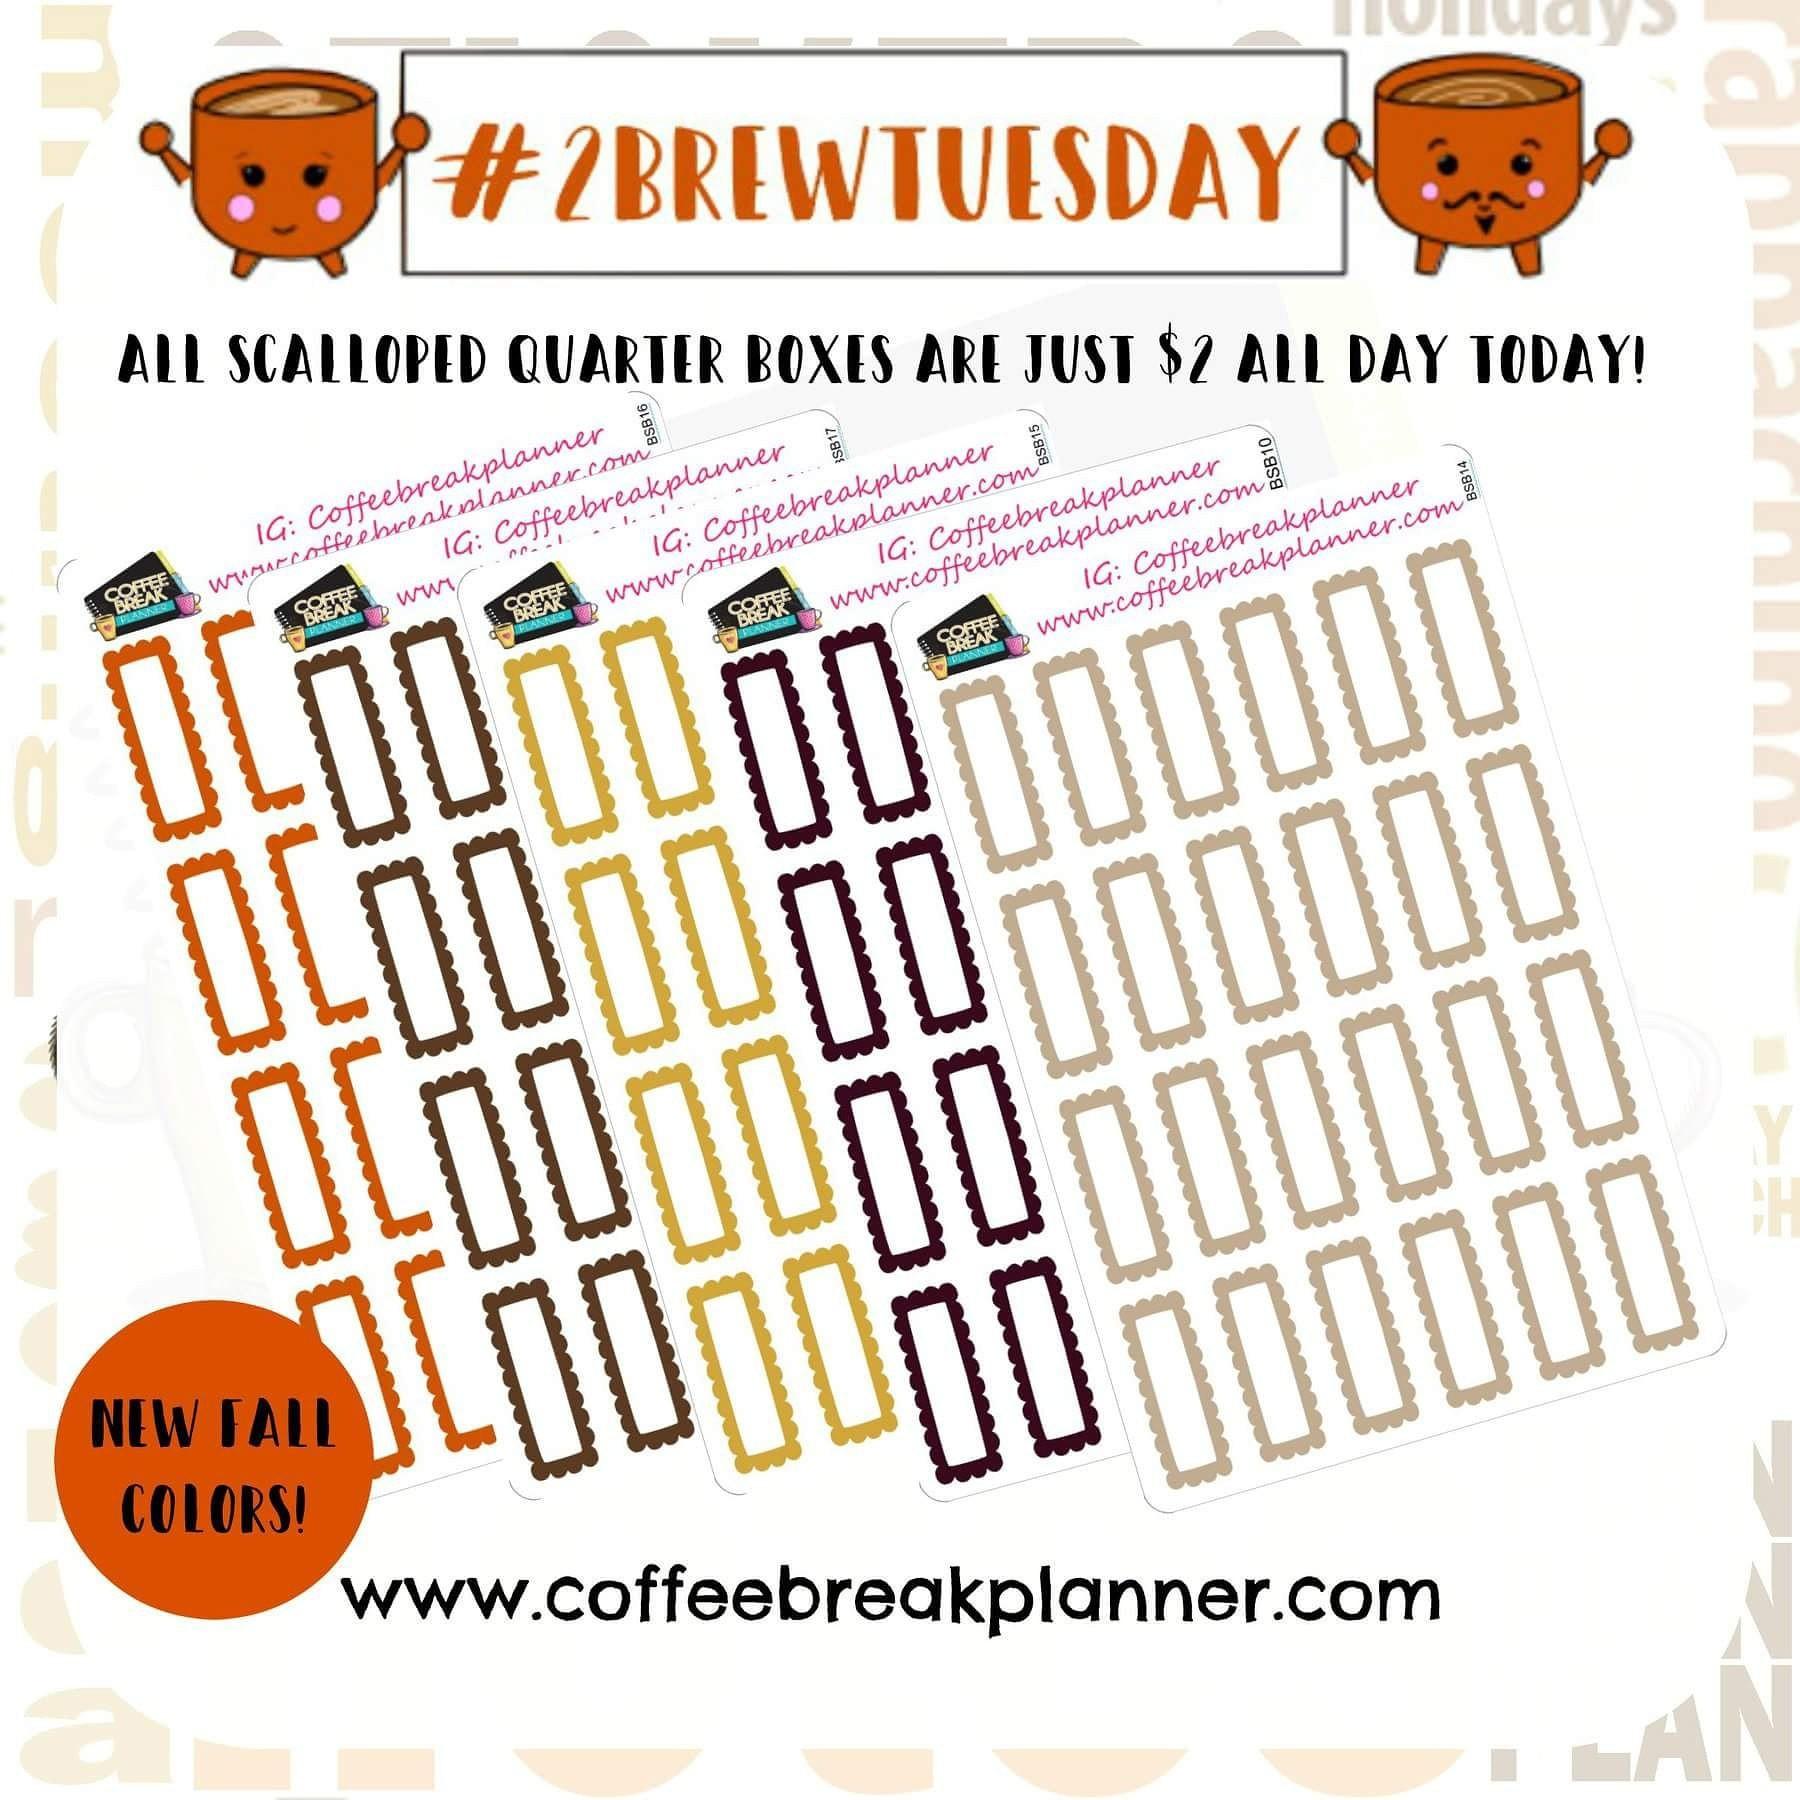 Calendario 2019 Da Stampare Word Mejores Y Más Novedosos Aggiornamenti Di Coffeebreakplanner Su Etsy